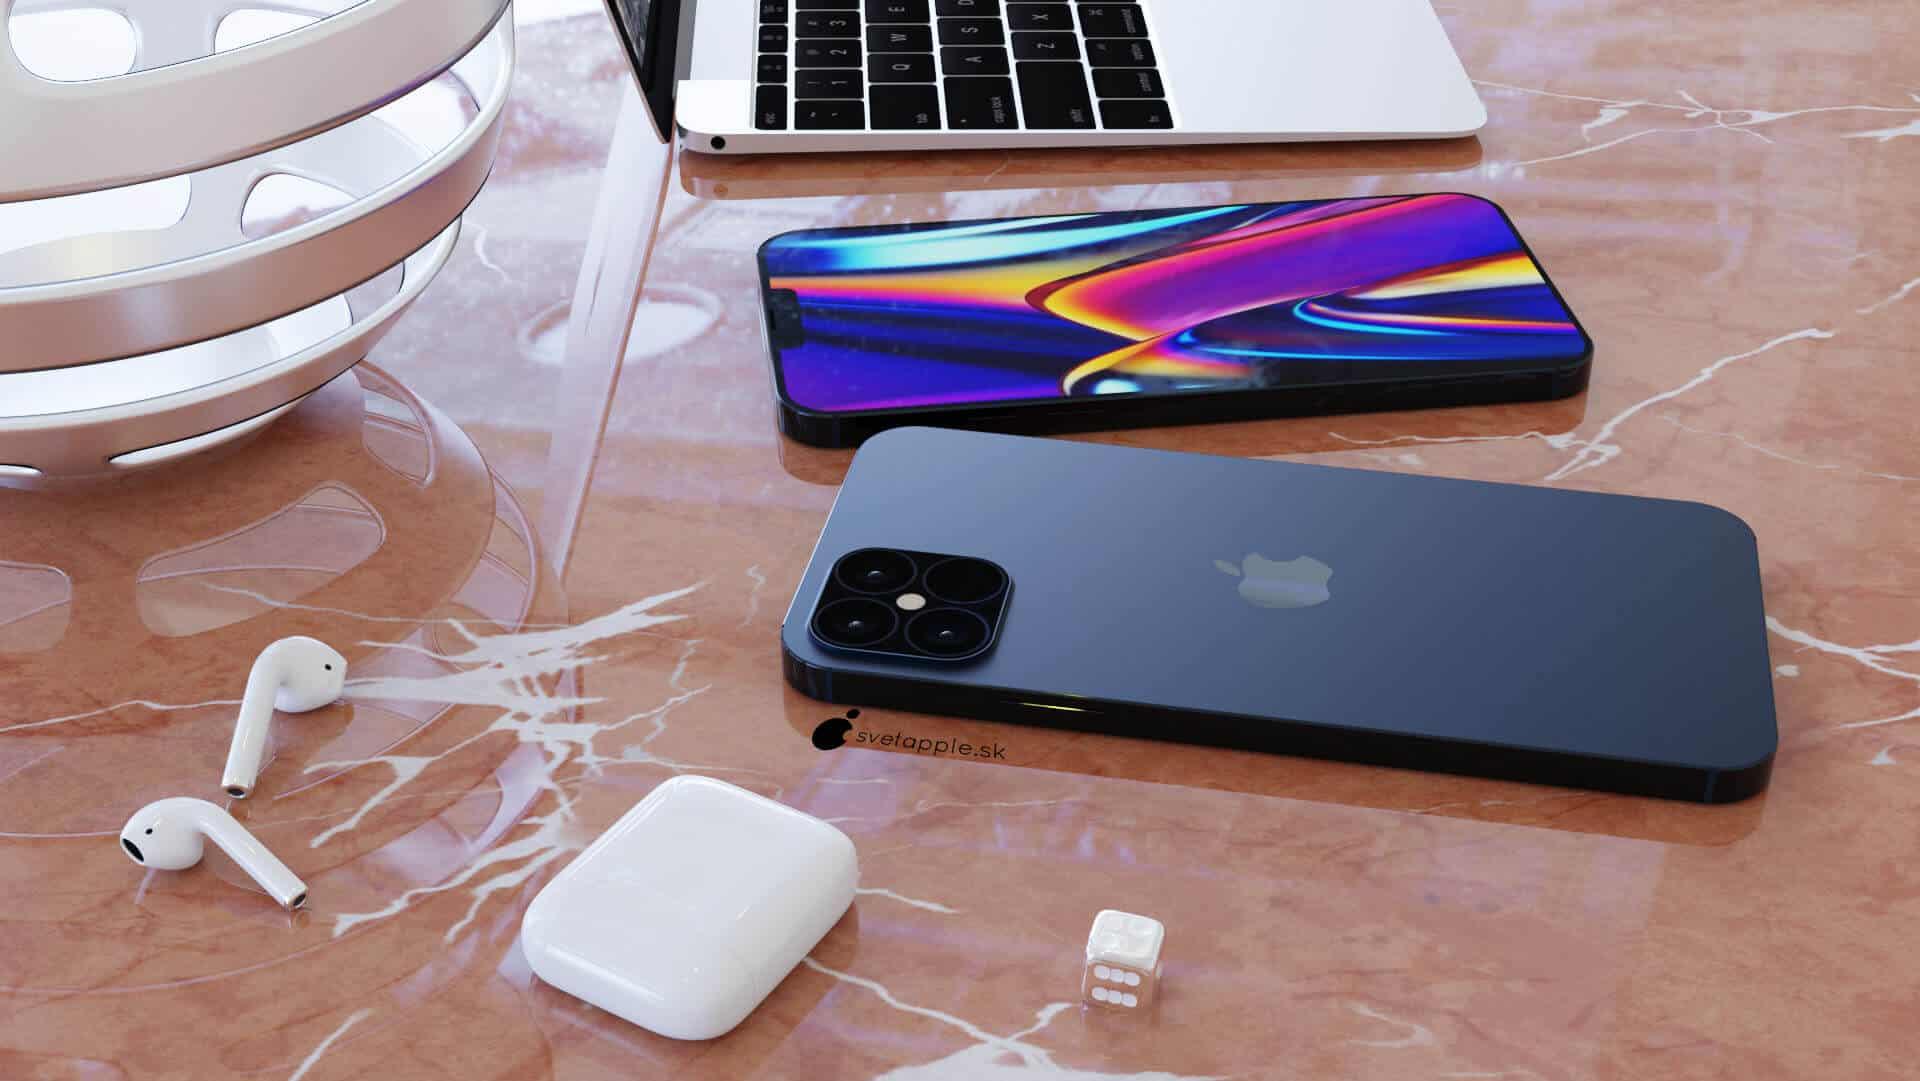 Teurer als iPhone 11 und ohne Ladegerät und Kopfhörer: iPhone-Preise sollen steigen